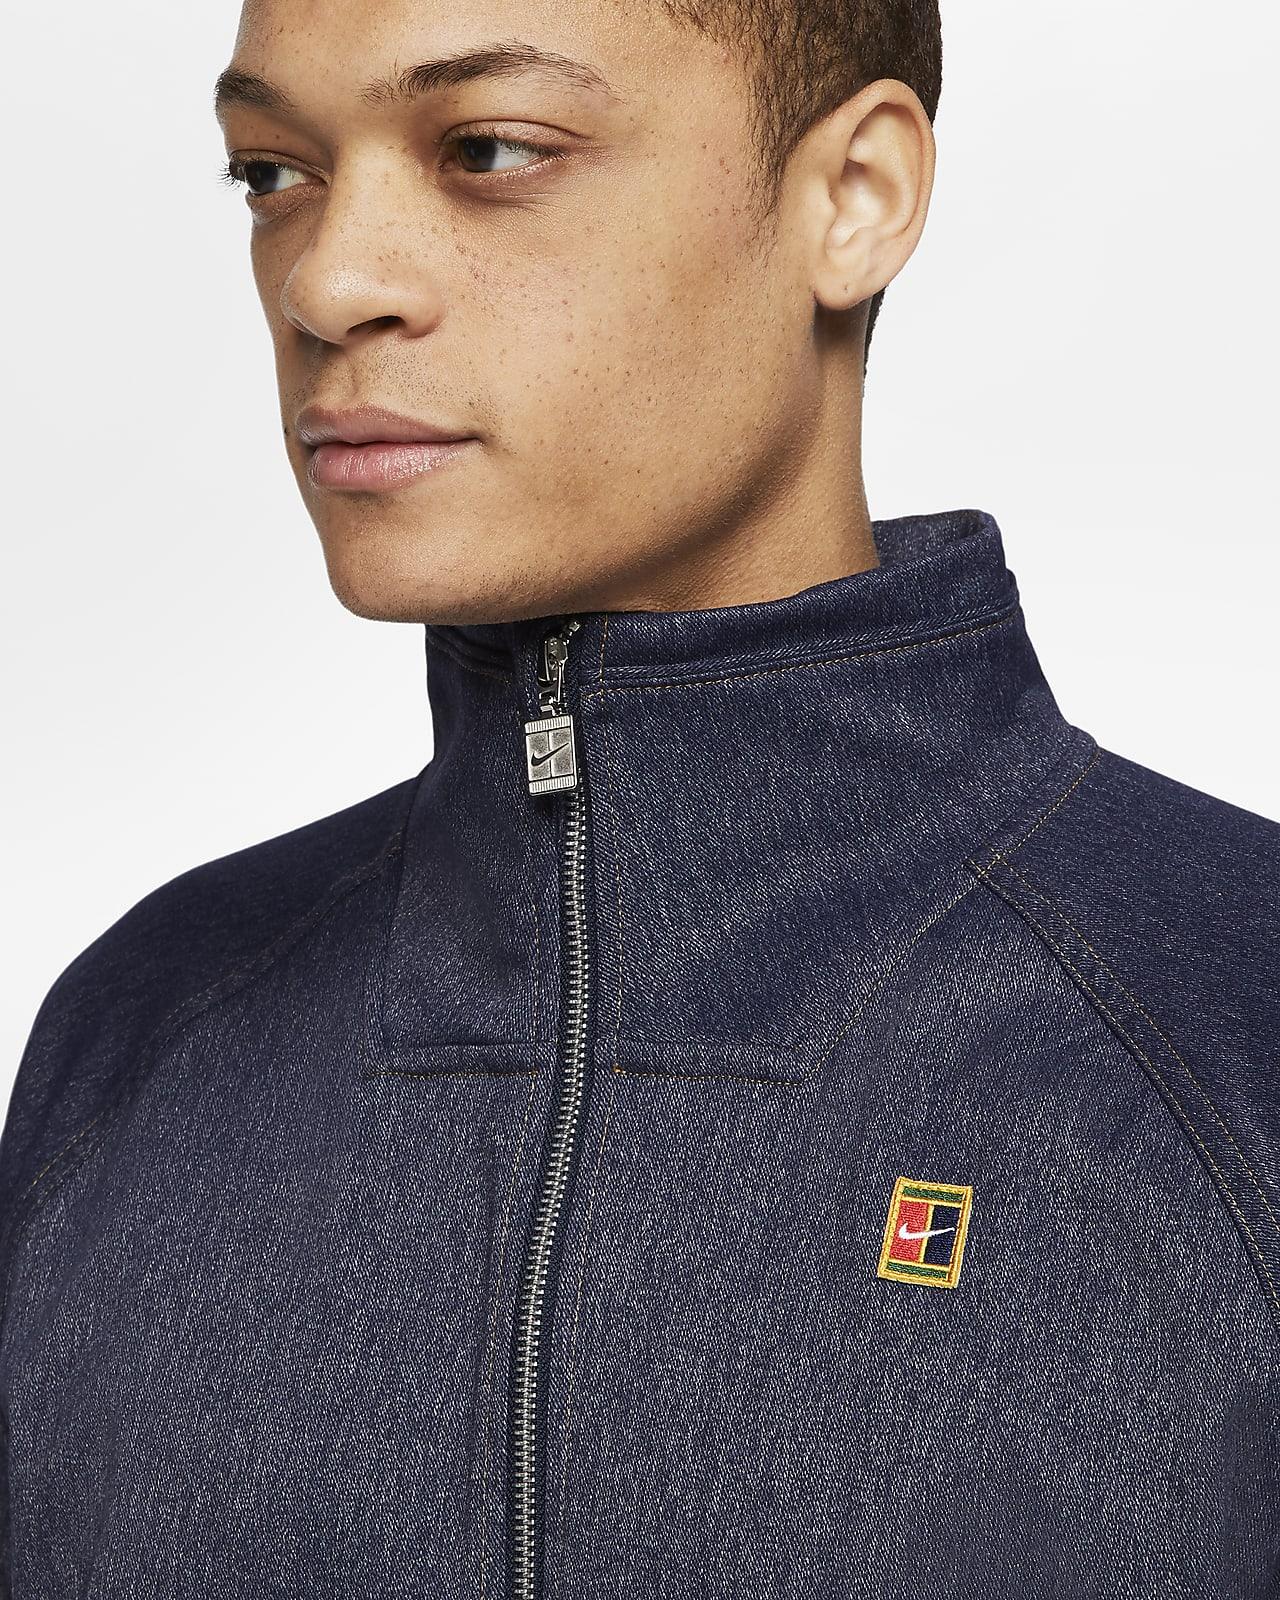 Tennis Warm-Up Jacket. Nike LU